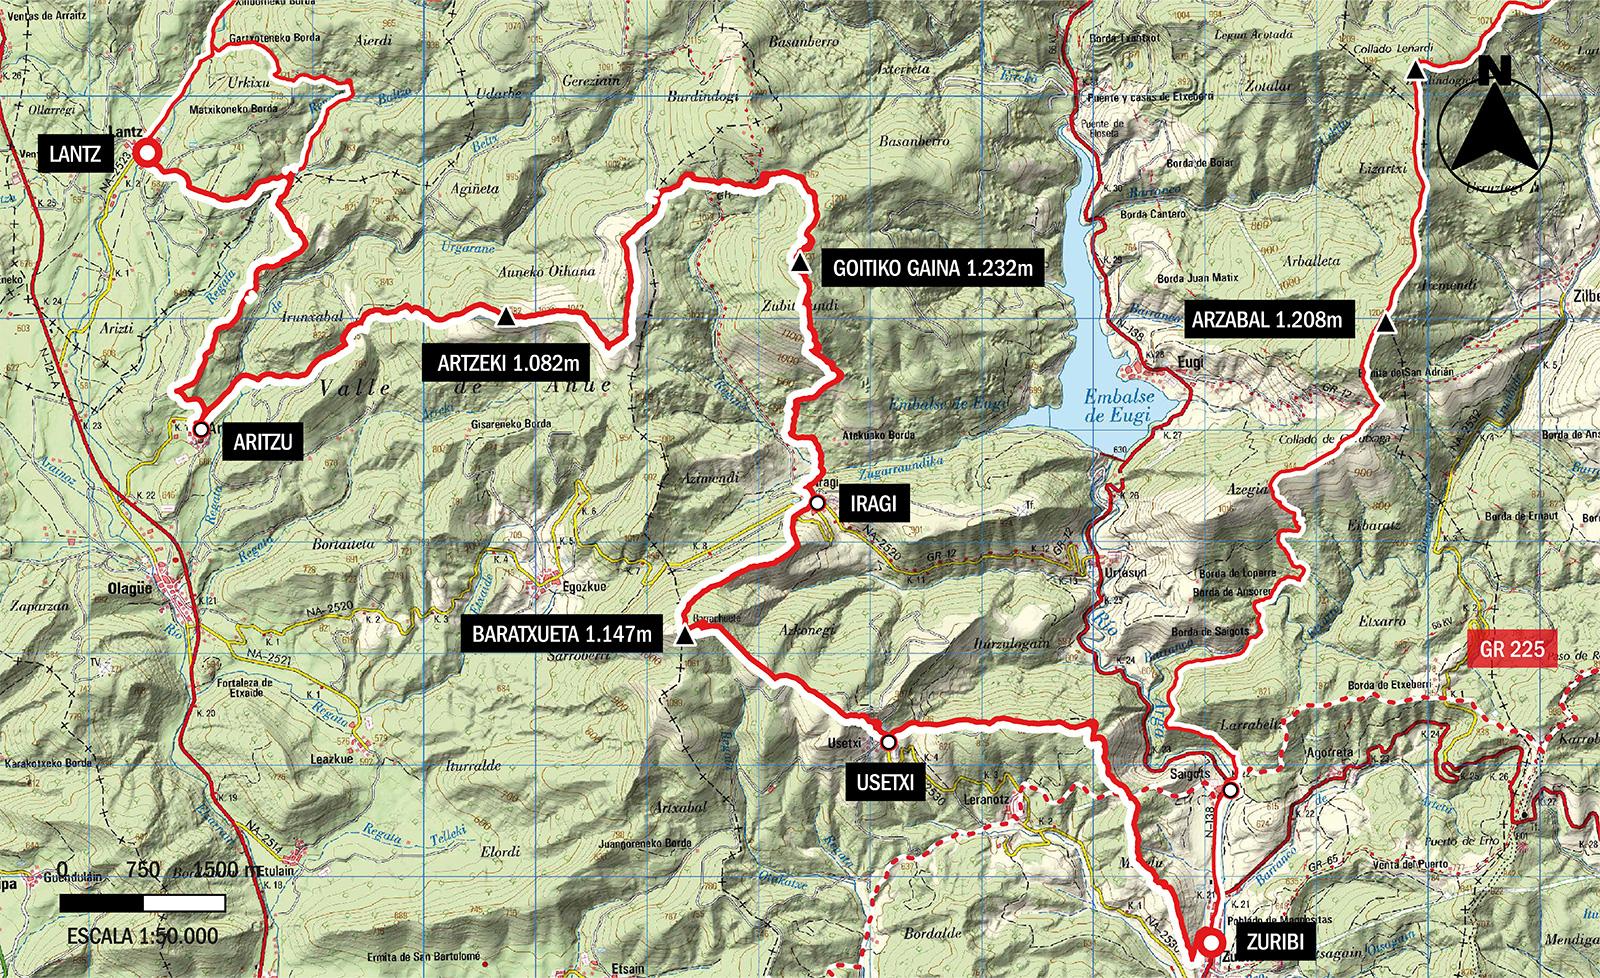 gr322 etapa 3 Mapa topográfico